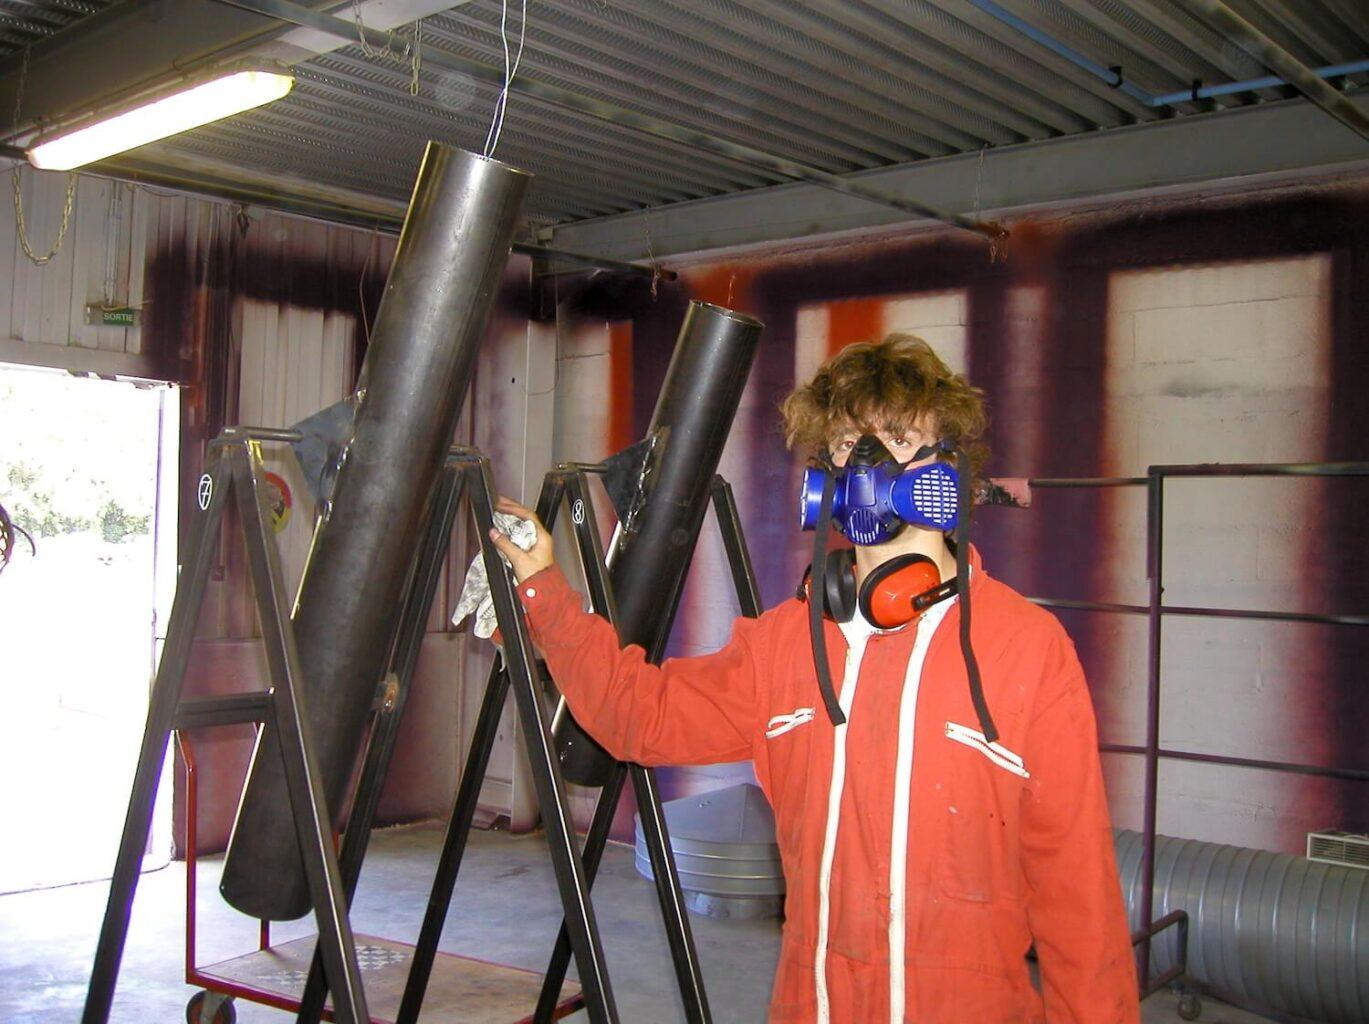 Photographie dans un hangar un jeune homme en combinaison rouge aves un masque de sécurité et un casque anti-bruit s'apprète à nettoyer des tubes métallique sur châssis